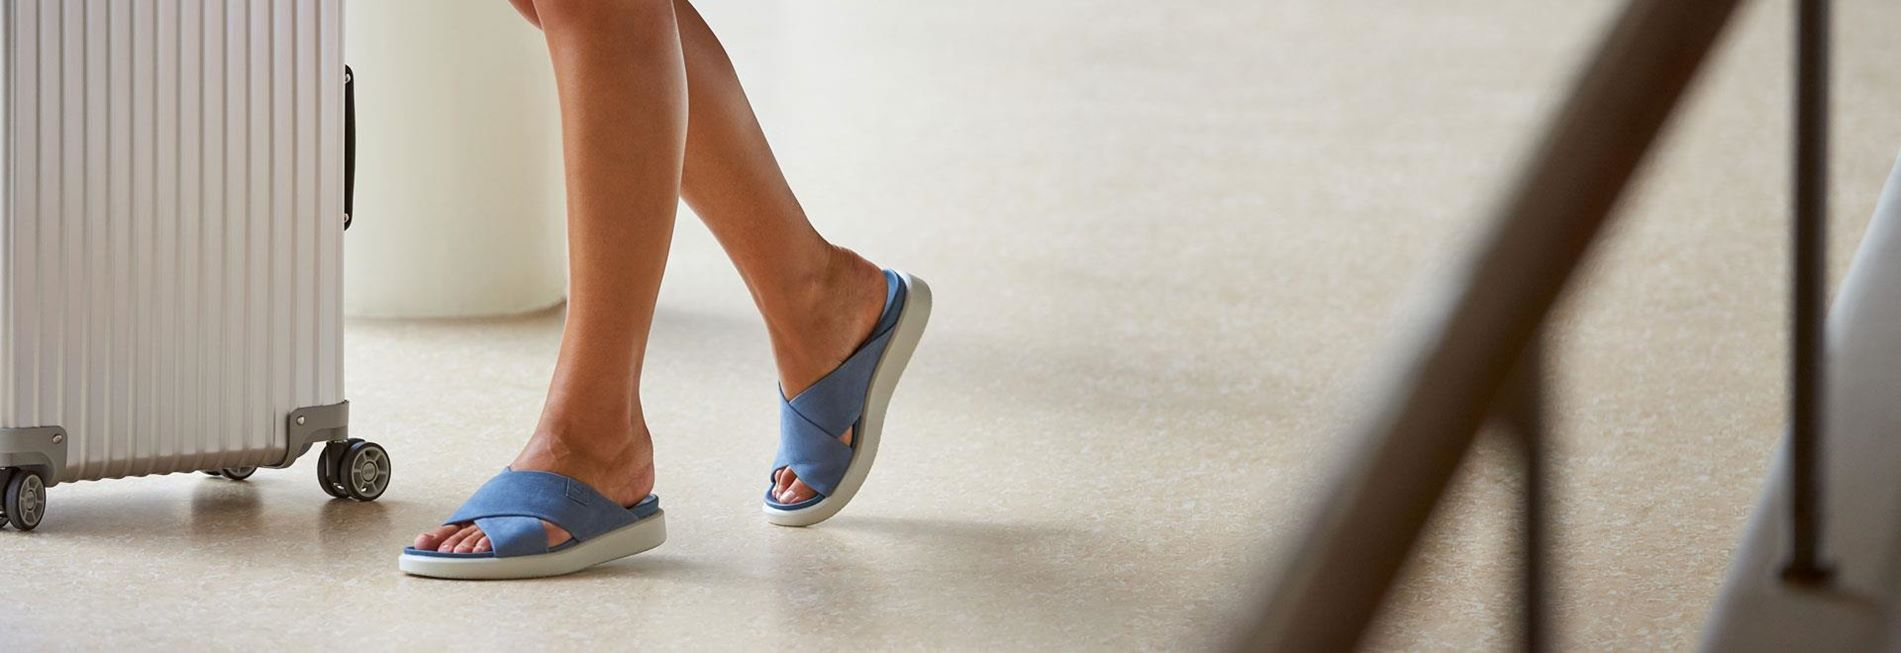 6f9fc30dc تعد ECCO شركة رائدة عالمياً في مجال الأحذية المبتكرة والمريحة للرجال ...